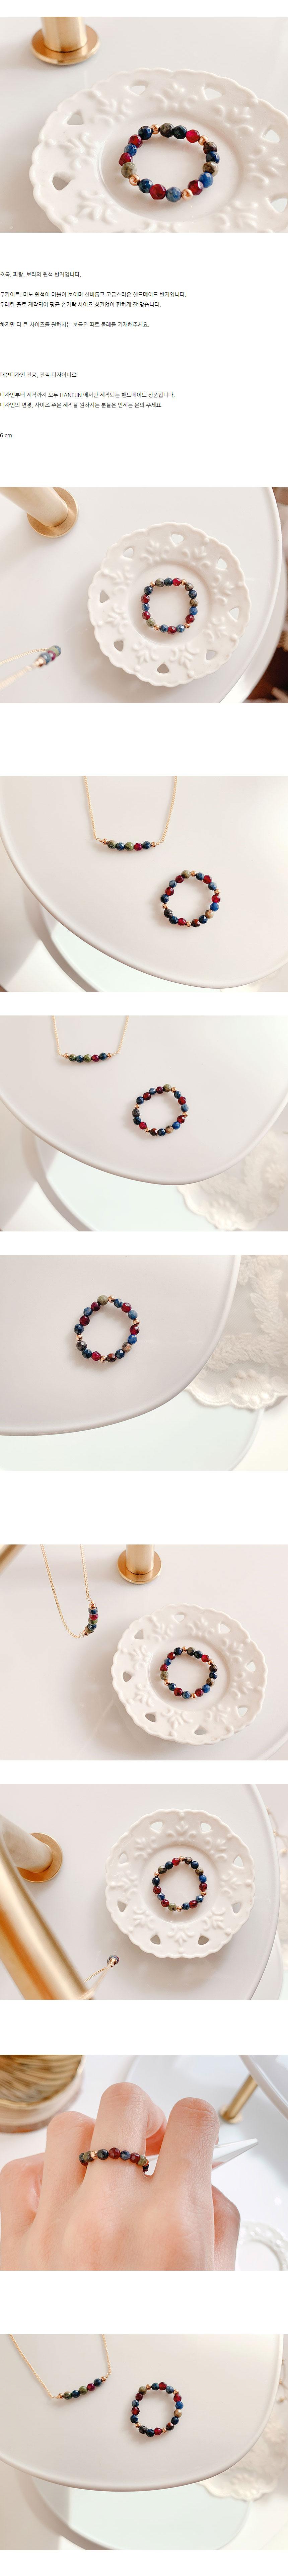 (핸드메이드) 초파보 원석 믹스 반지 - 하네진, 12,000원, 패션, 패션반지